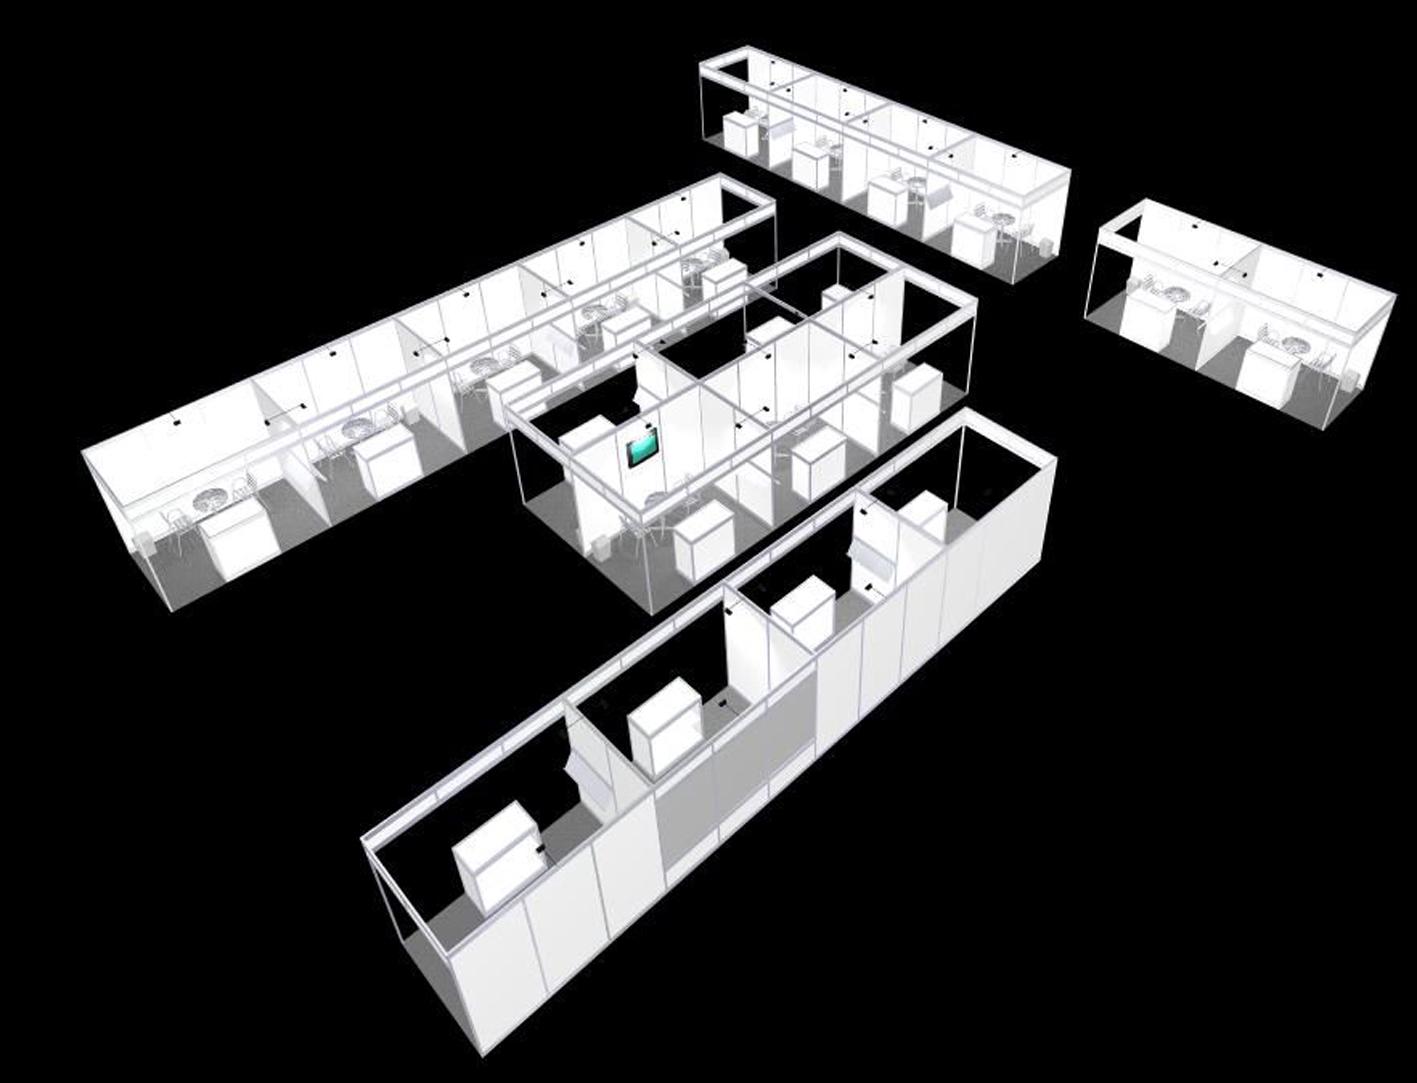 15 Kongressausstattung mit kleinen Einzelkojen für viele Mitaussteller, beliebig erweiterbar, an Raumformen anpassbar